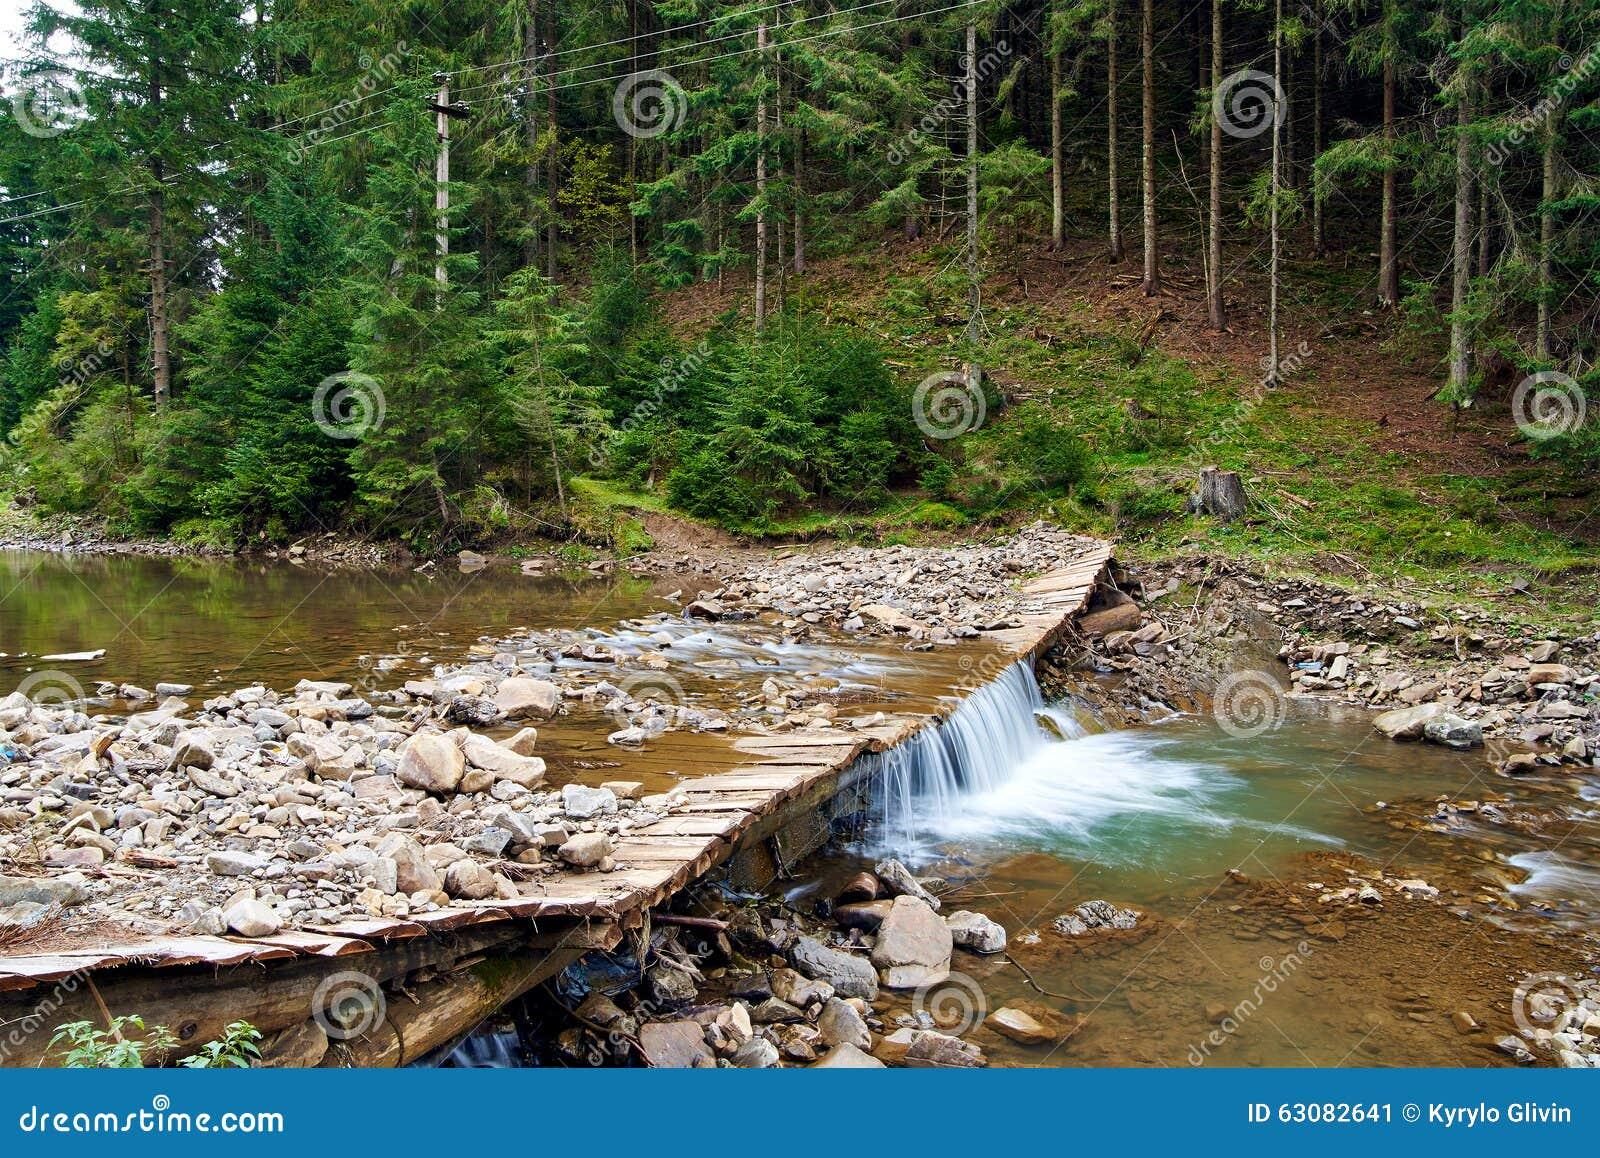 Download Rivière De Montagne Avec La Petite Cascade Image stock - Image du montagnes, été: 63082641